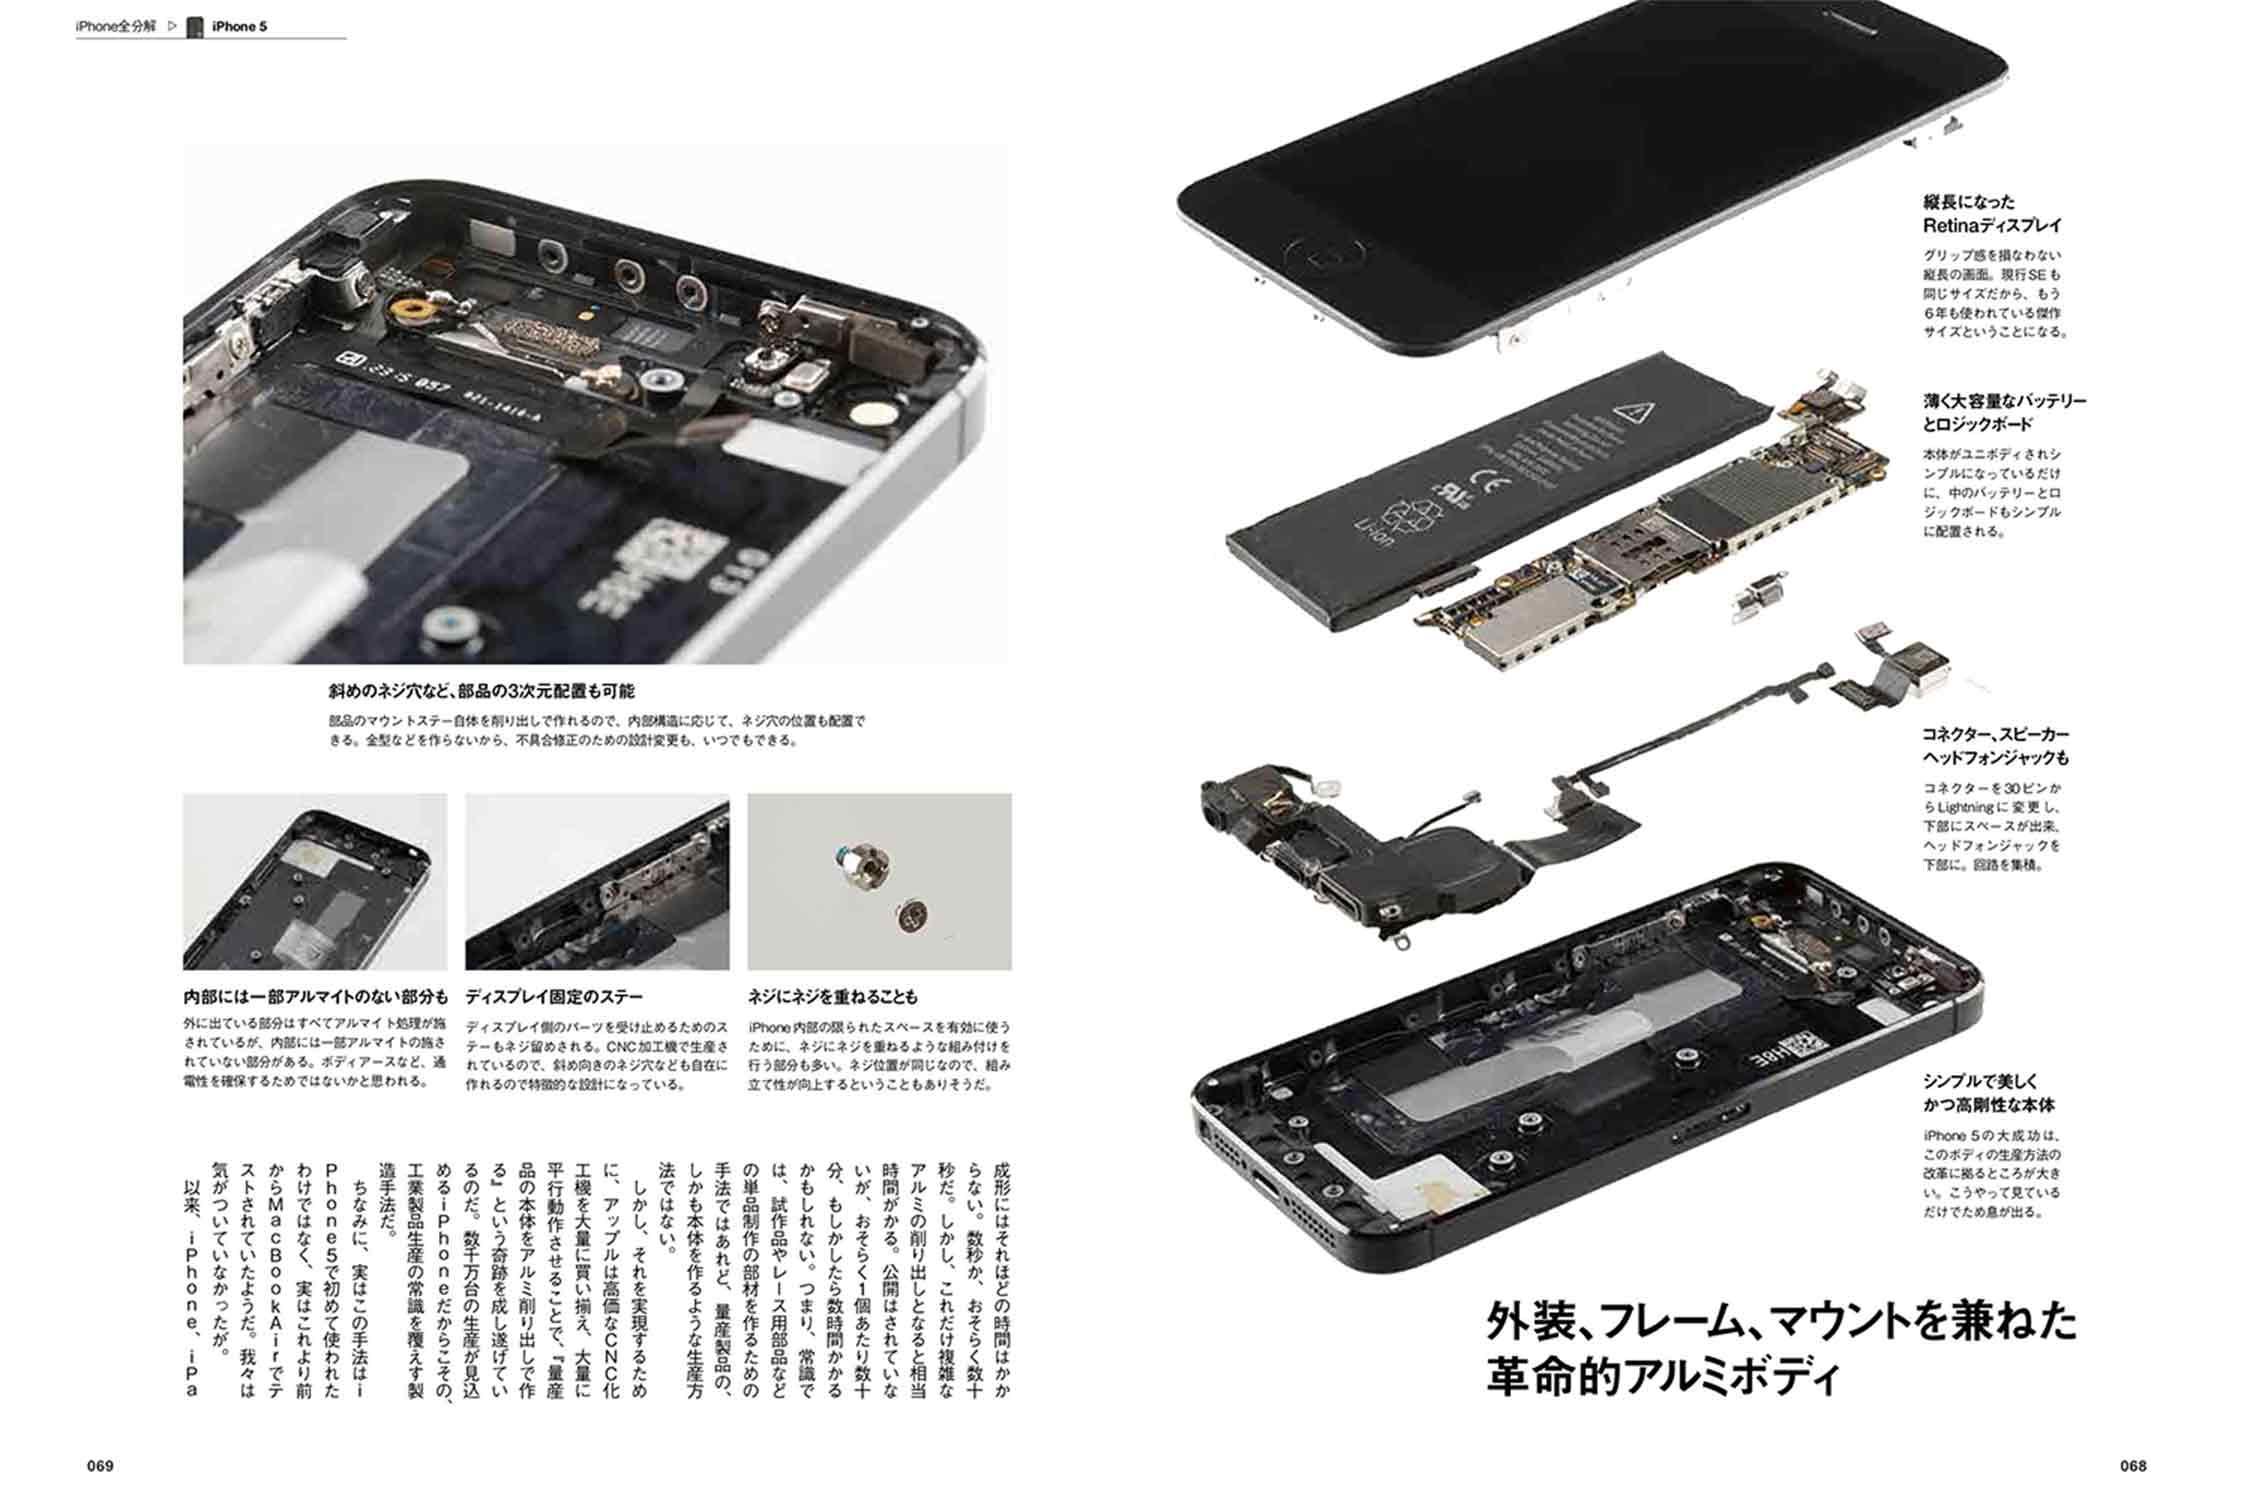 iPhone 5 イメージ